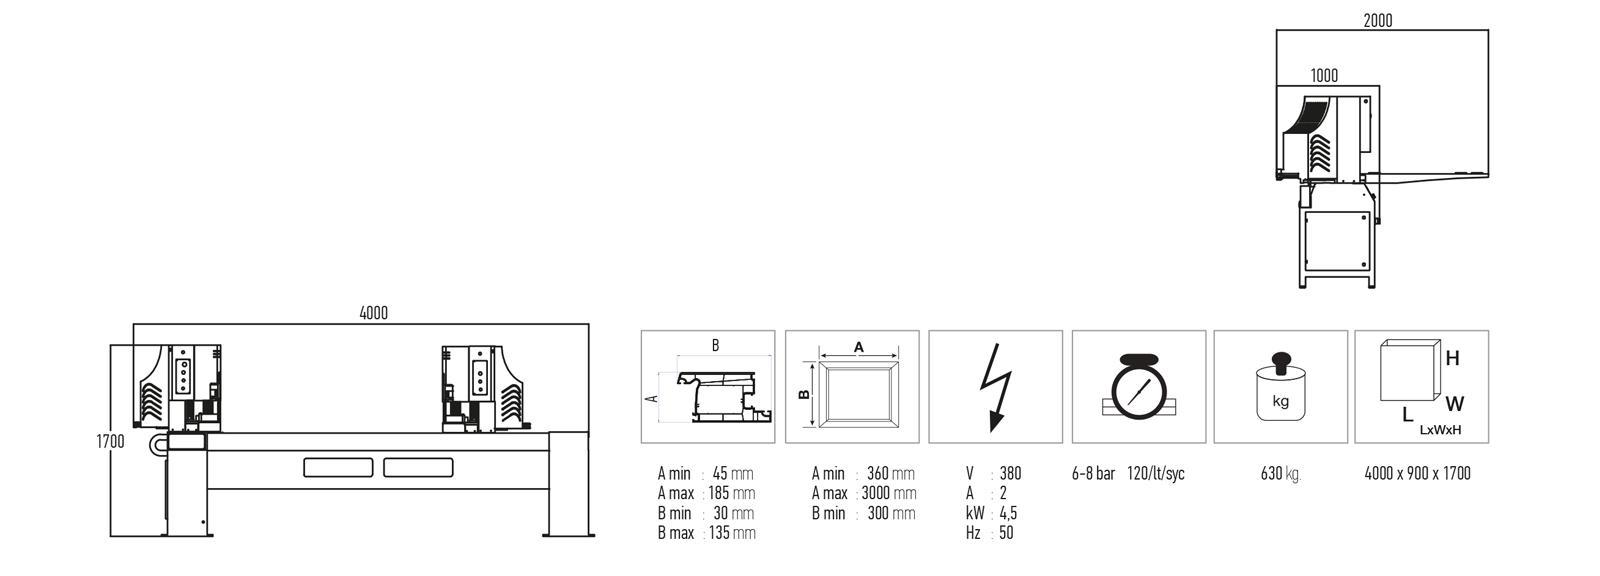 Comprar soldadora doble cabezal, Venta Maquinaria Industrial, PVC, Venta Maquinaria Ocasión, Aluminio, Maquinaria Industrial, Composite, Comprar Maquinaria Industrial, Comprar Maquinaria PVC, Comprar Maquinaria Aluminio, Reparación maquinaria industrial, Reparación maquinaria PVC, Reparación maquinaria aluminio, Reparación maquinaria composite, Servicio técnico maquinaria industrial